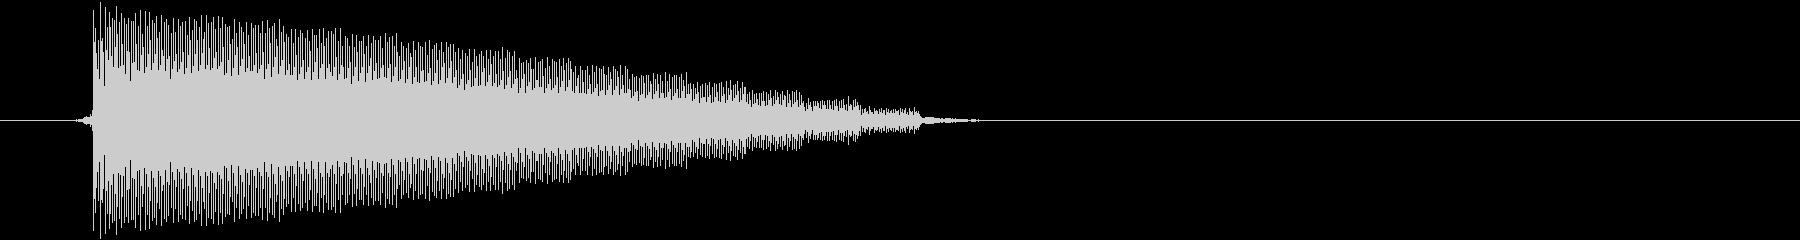 【チップチューン/ボタン/ゲームボーイ】の未再生の波形